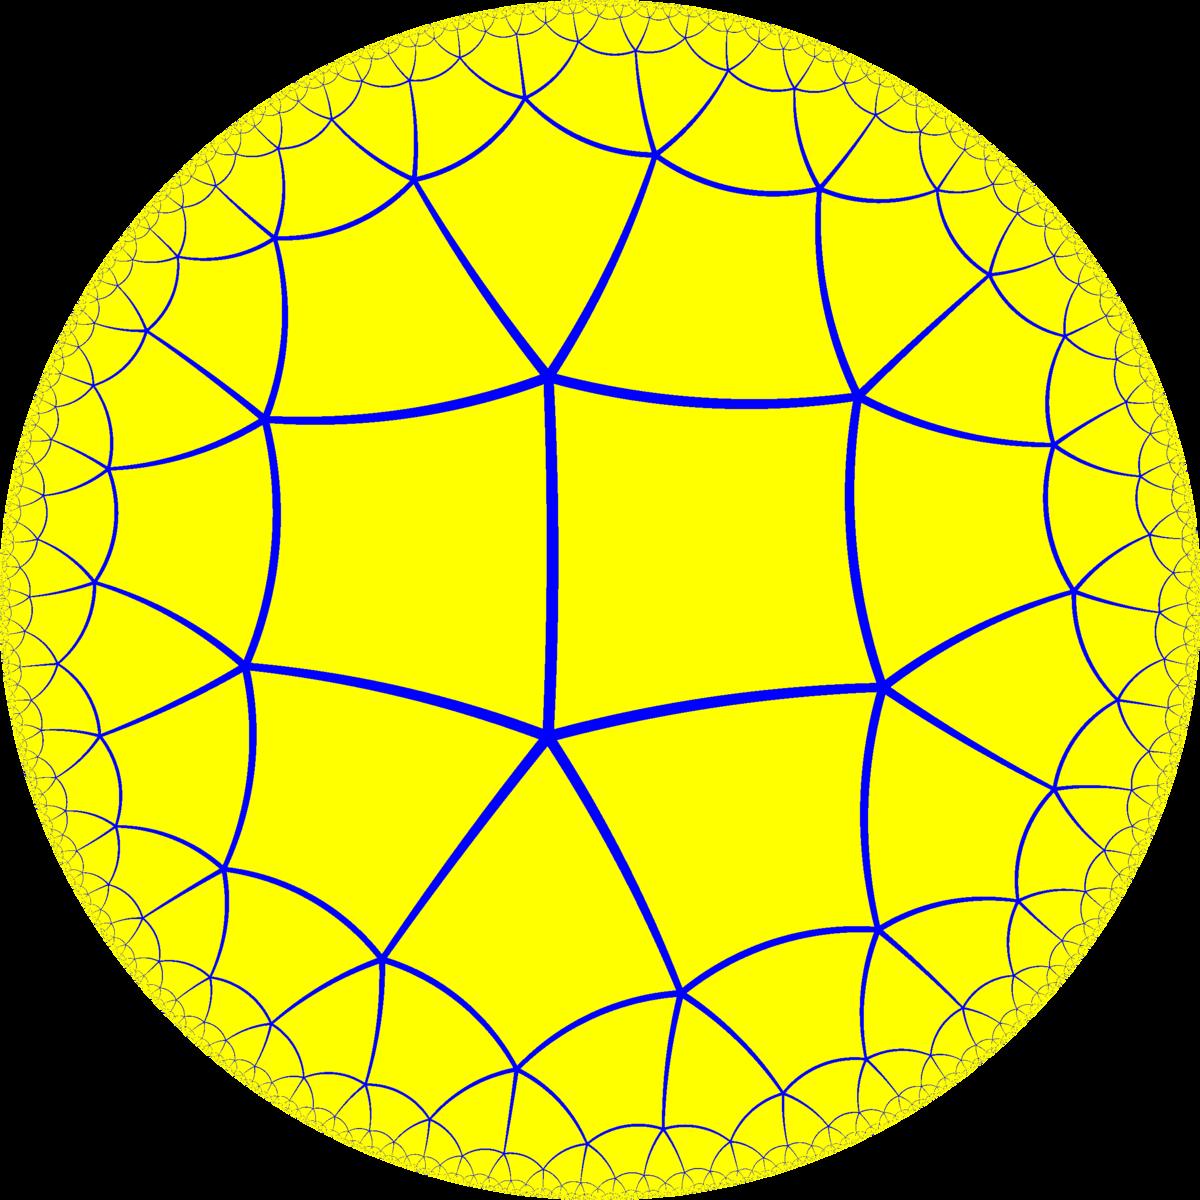 Order-5 square tiling